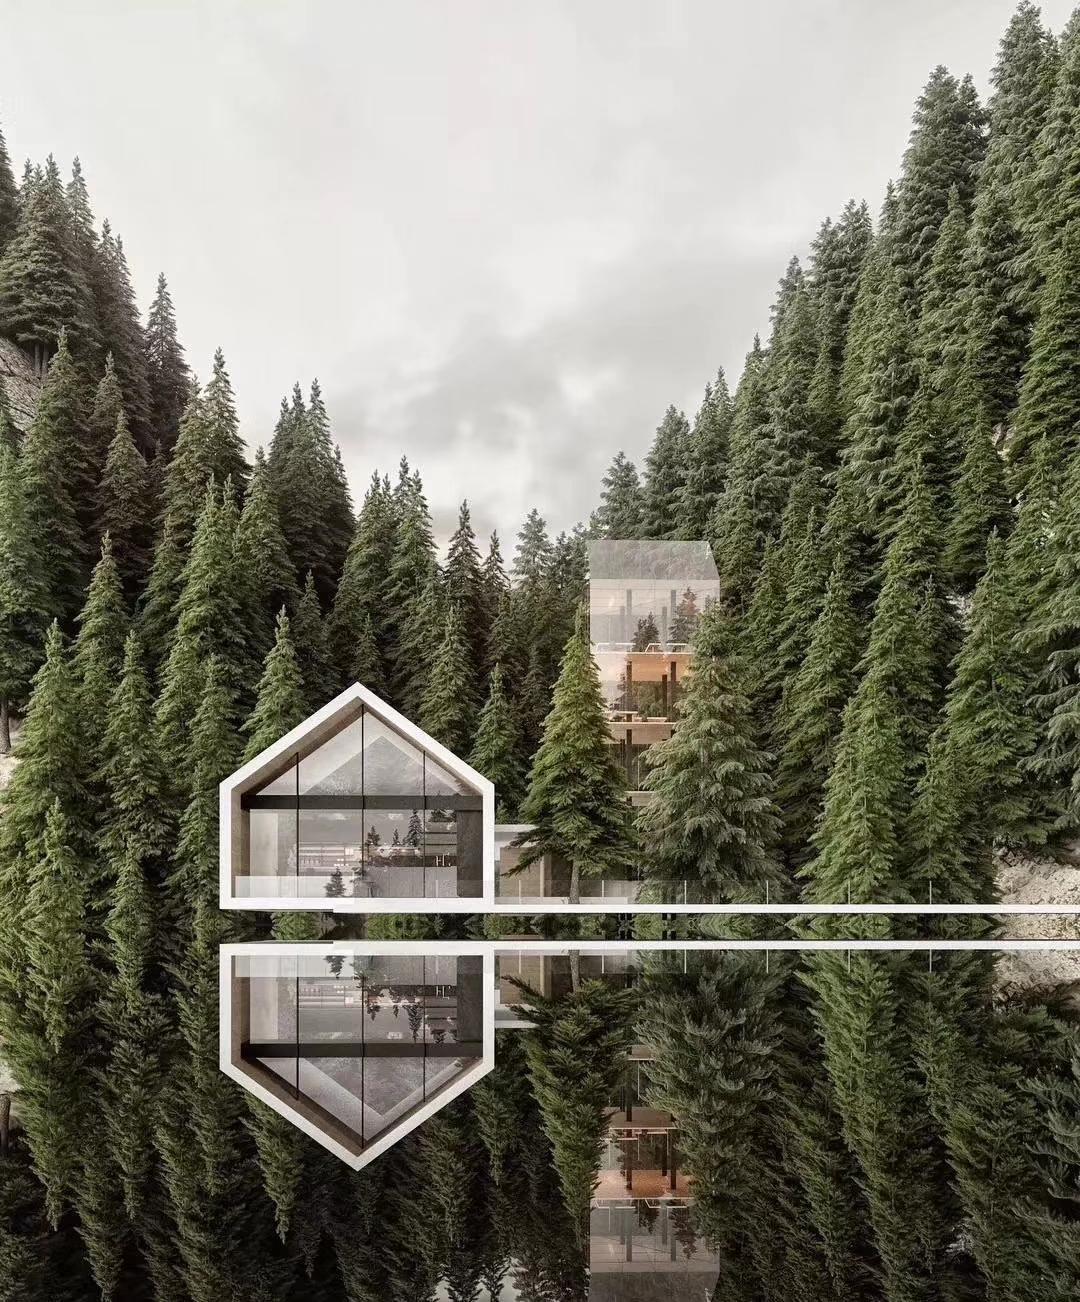 新西蘭森林高端民宿酒店